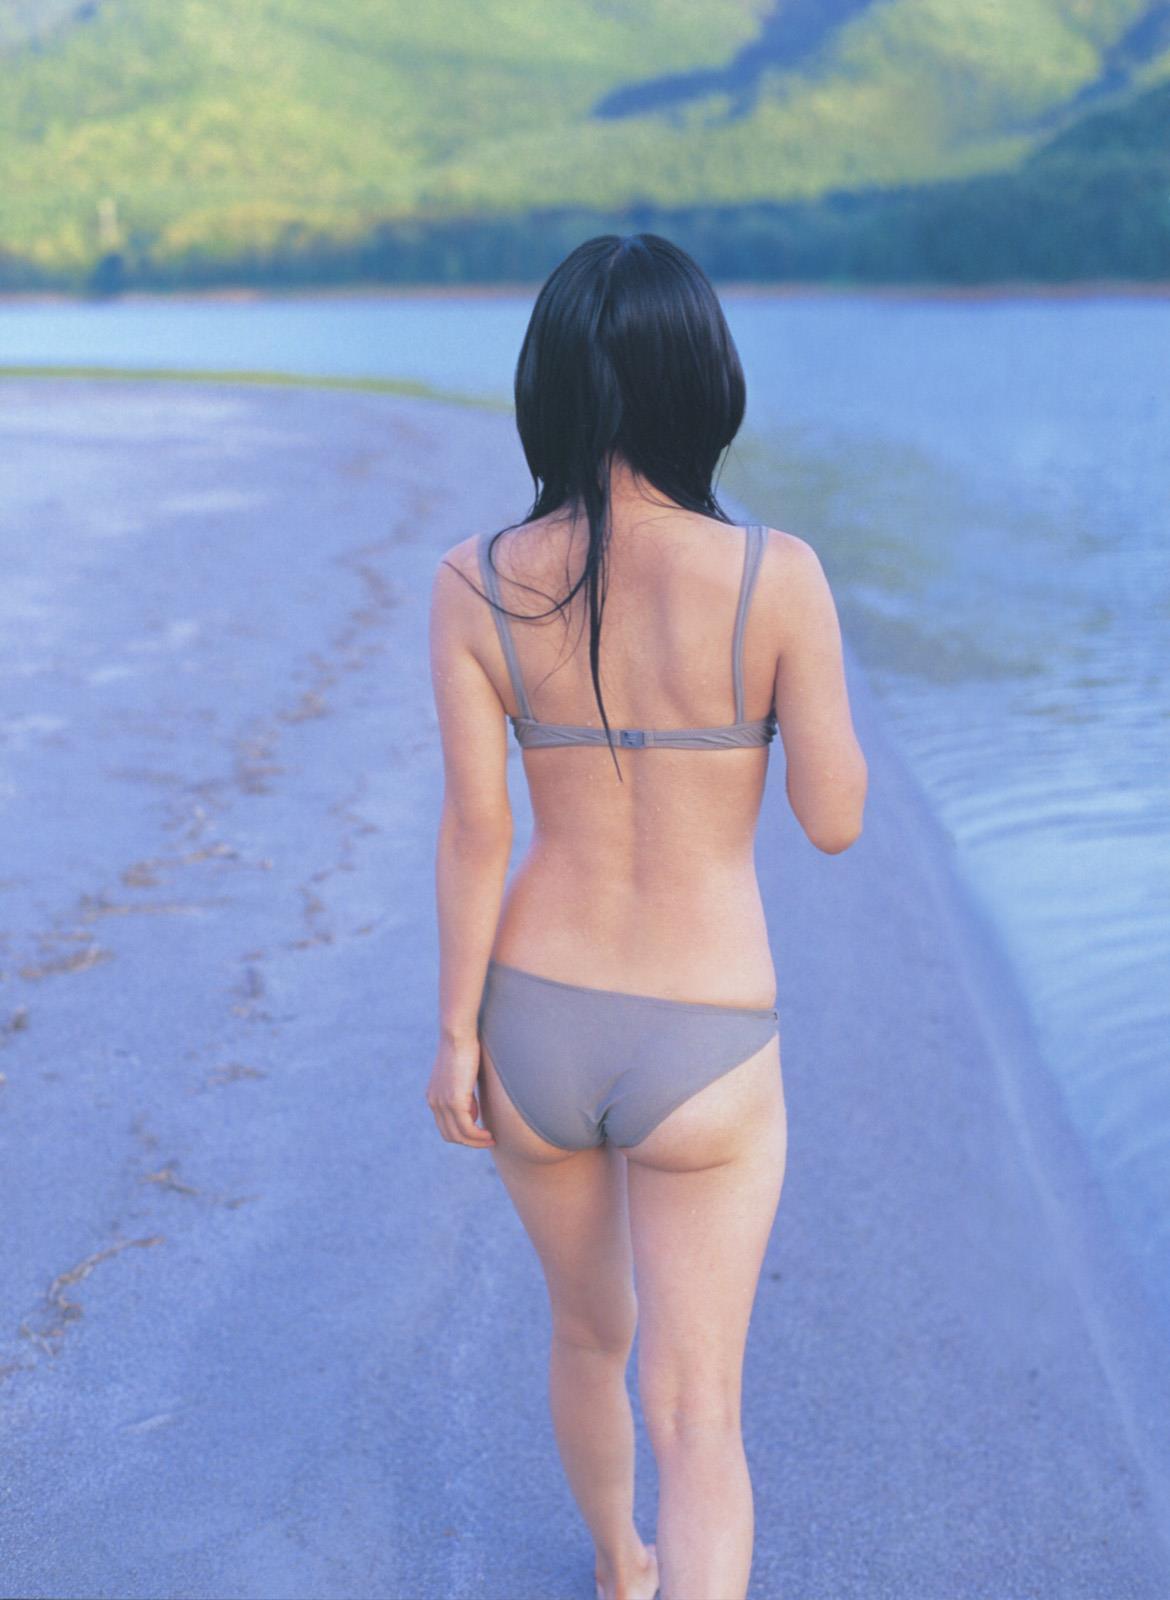 倉科カナ 画像 84